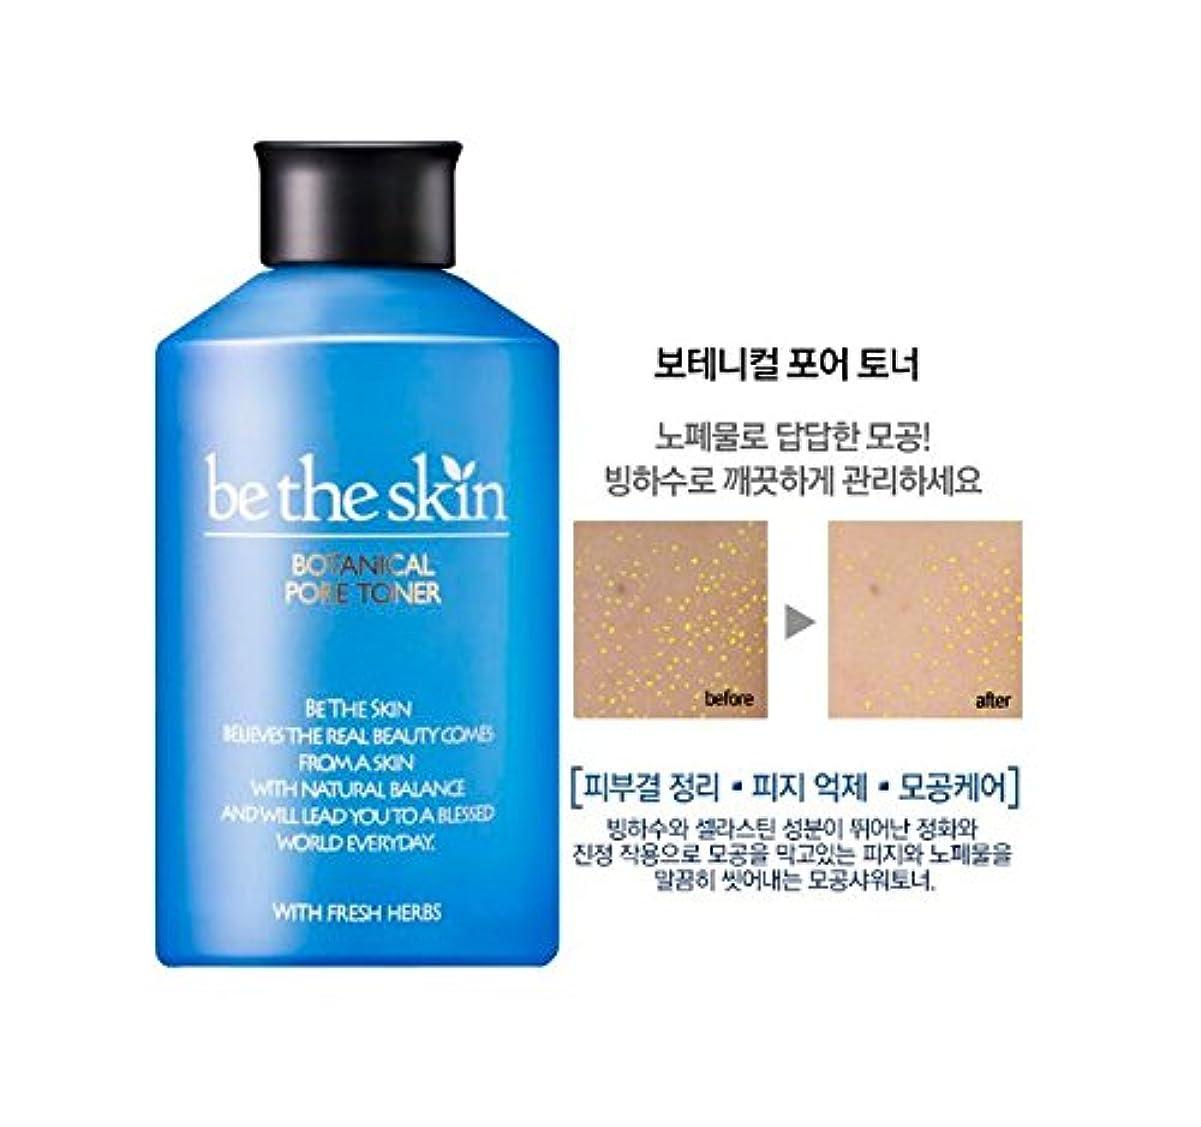 宇宙重要なライオネルグリーンストリートBe the Skin ボタニカル ポア トナー / Botanical Pore Toner (150ml) [並行輸入品]